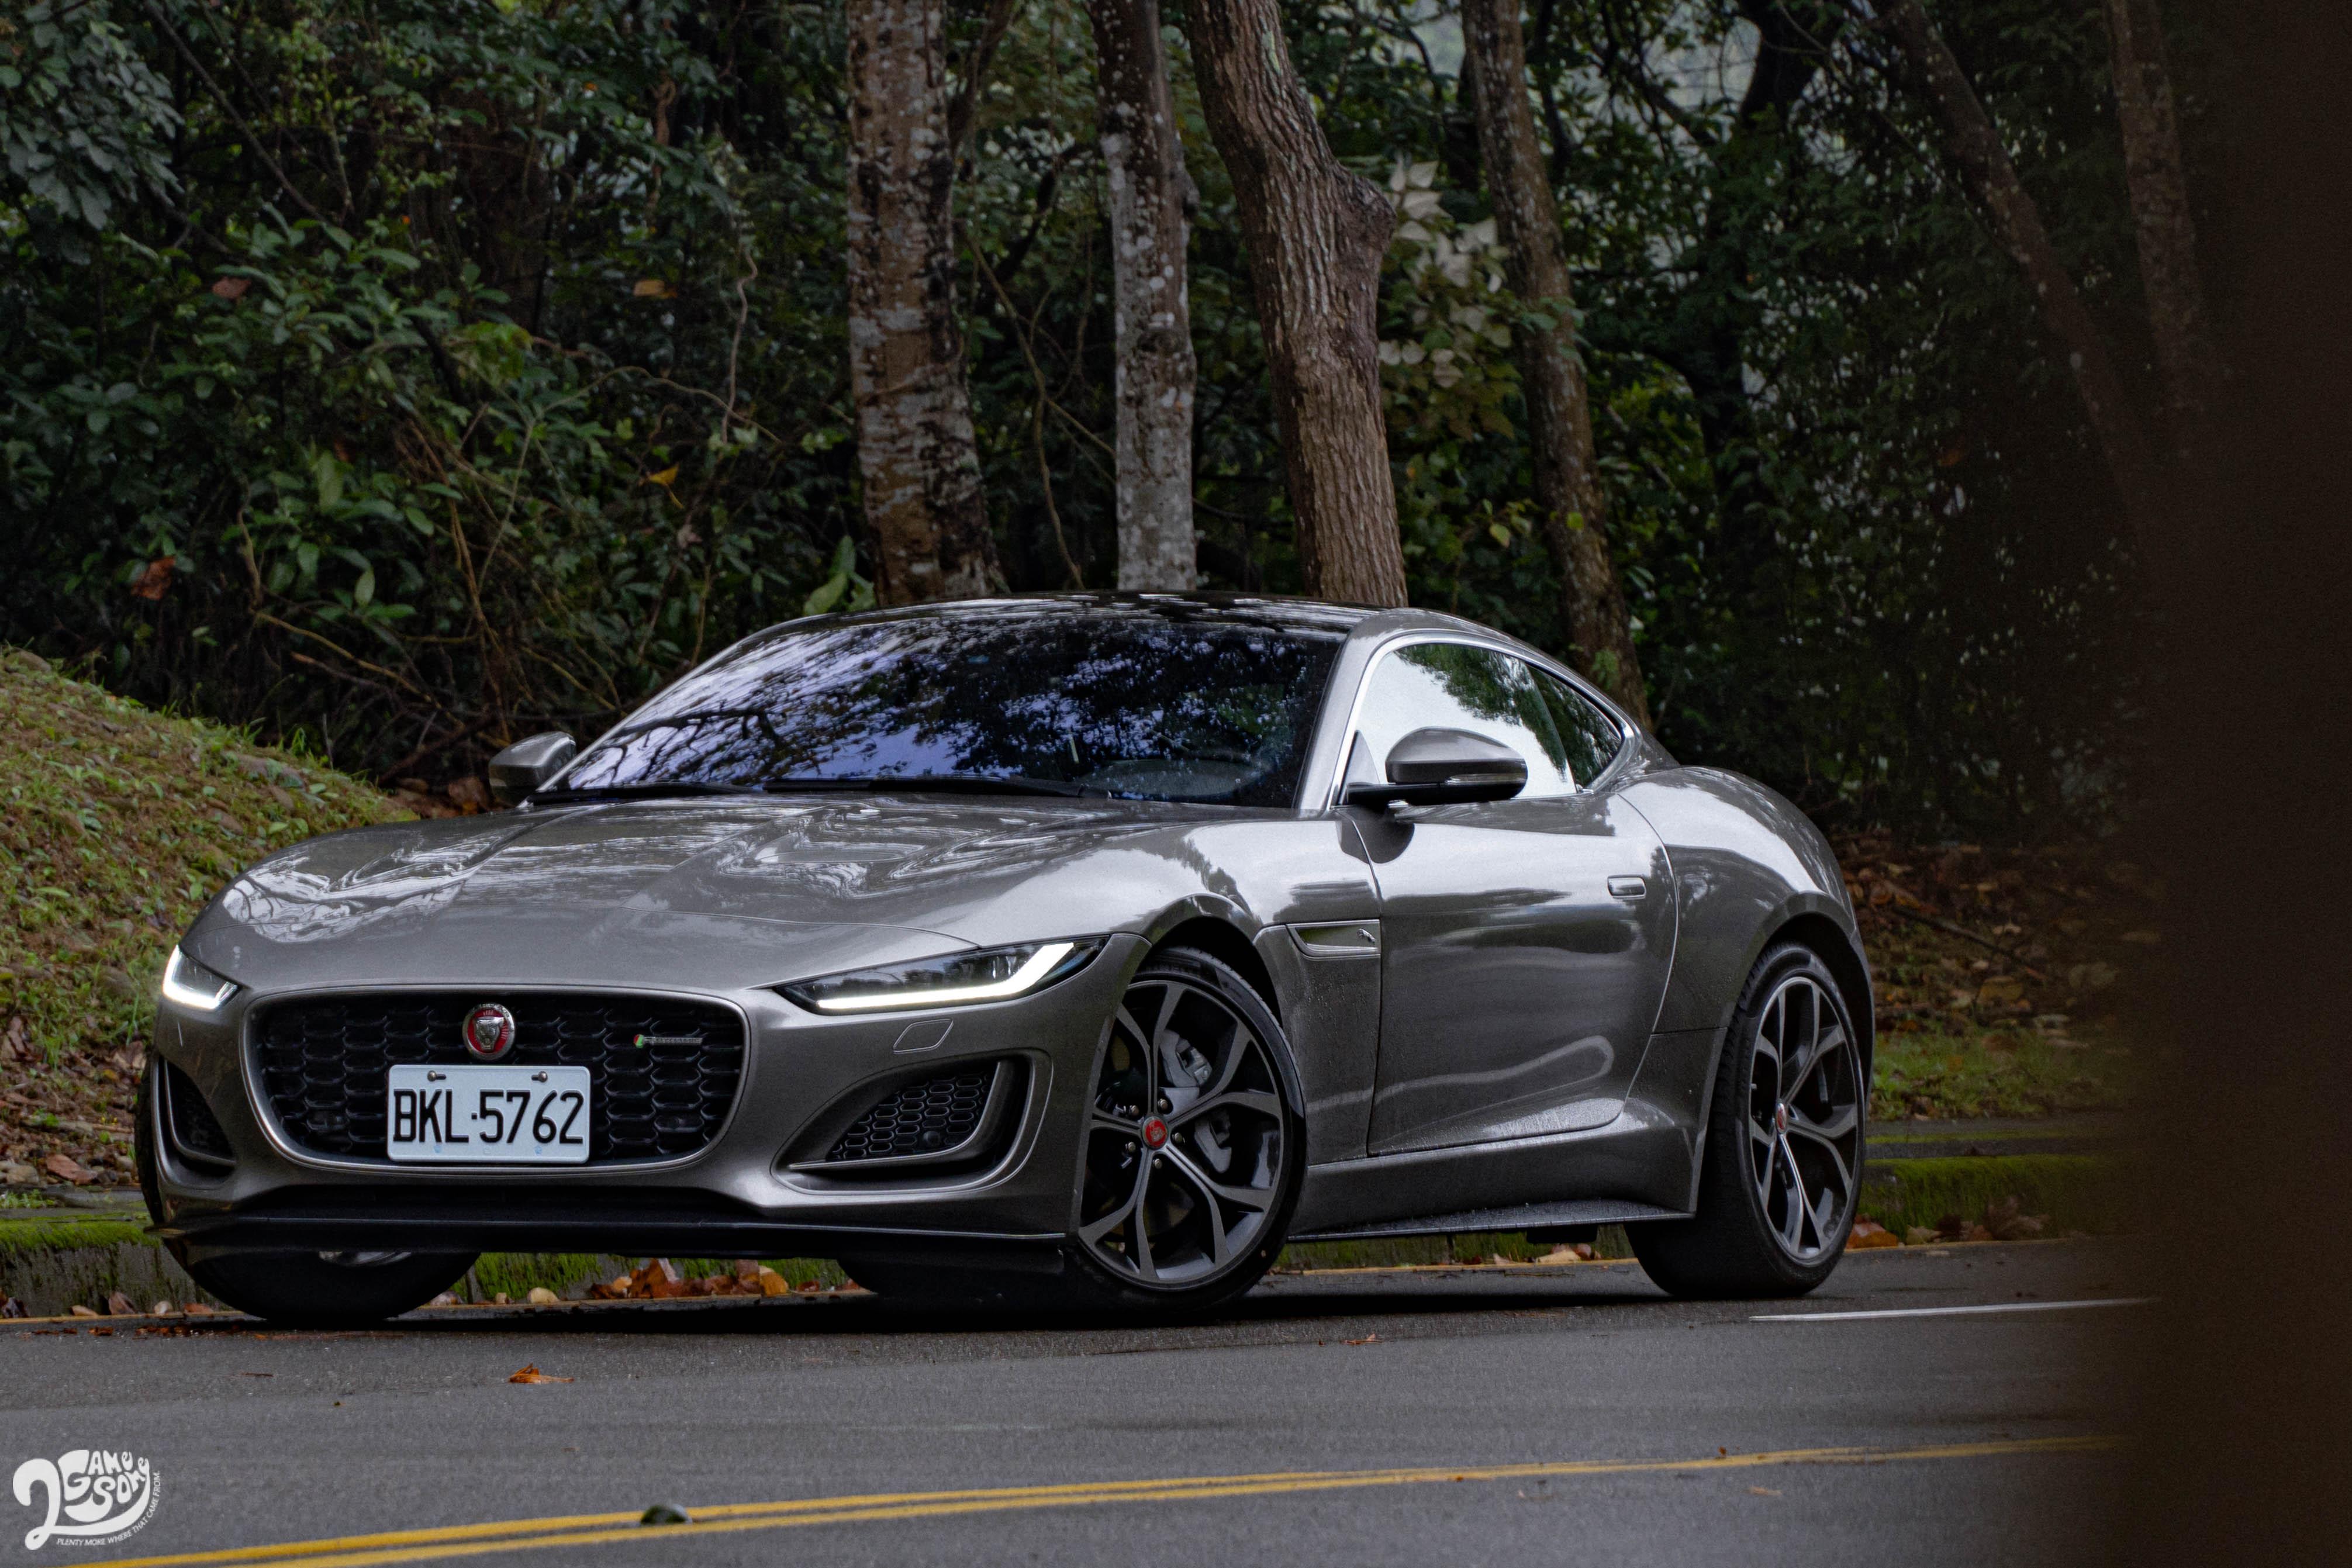 試駕車款為 Jaguar 小改款 F-Type P300 R-Dynamic,售價新台幣 366 萬元起。